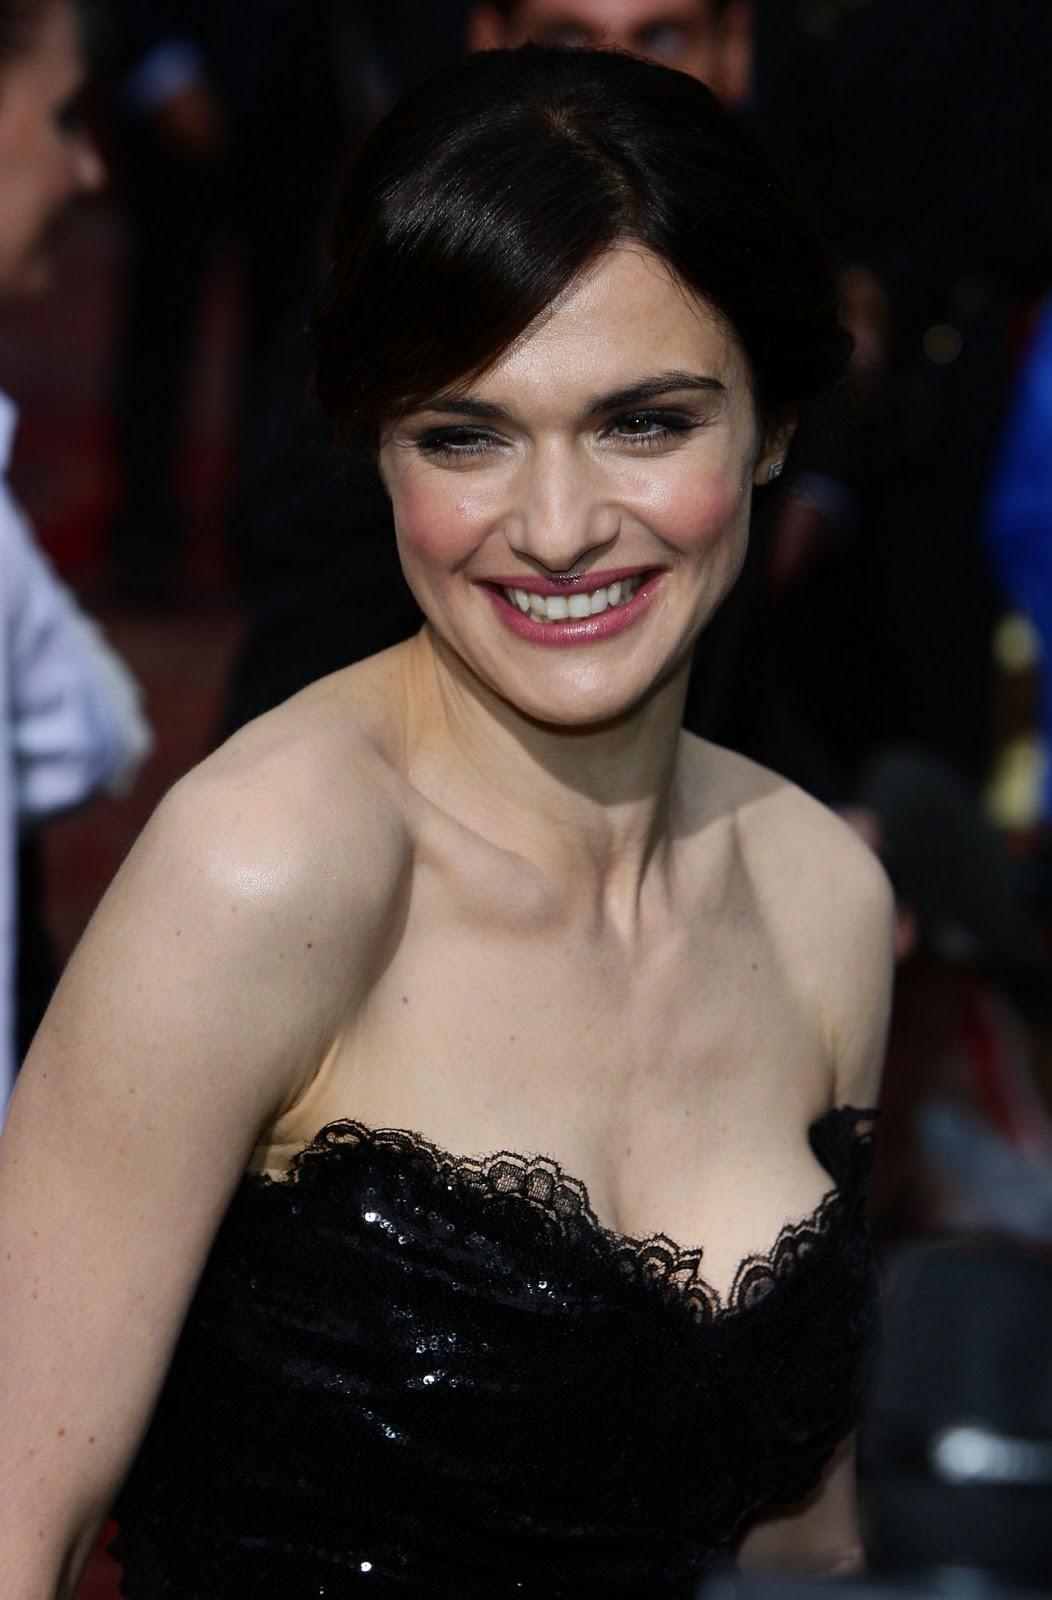 http://2.bp.blogspot.com/-sd471c5CfY4/TVb0UN8h13I/AAAAAAAAAFU/VSJ5vI0p3Sw/s1600/Rachel-Weisz-topless.jpg